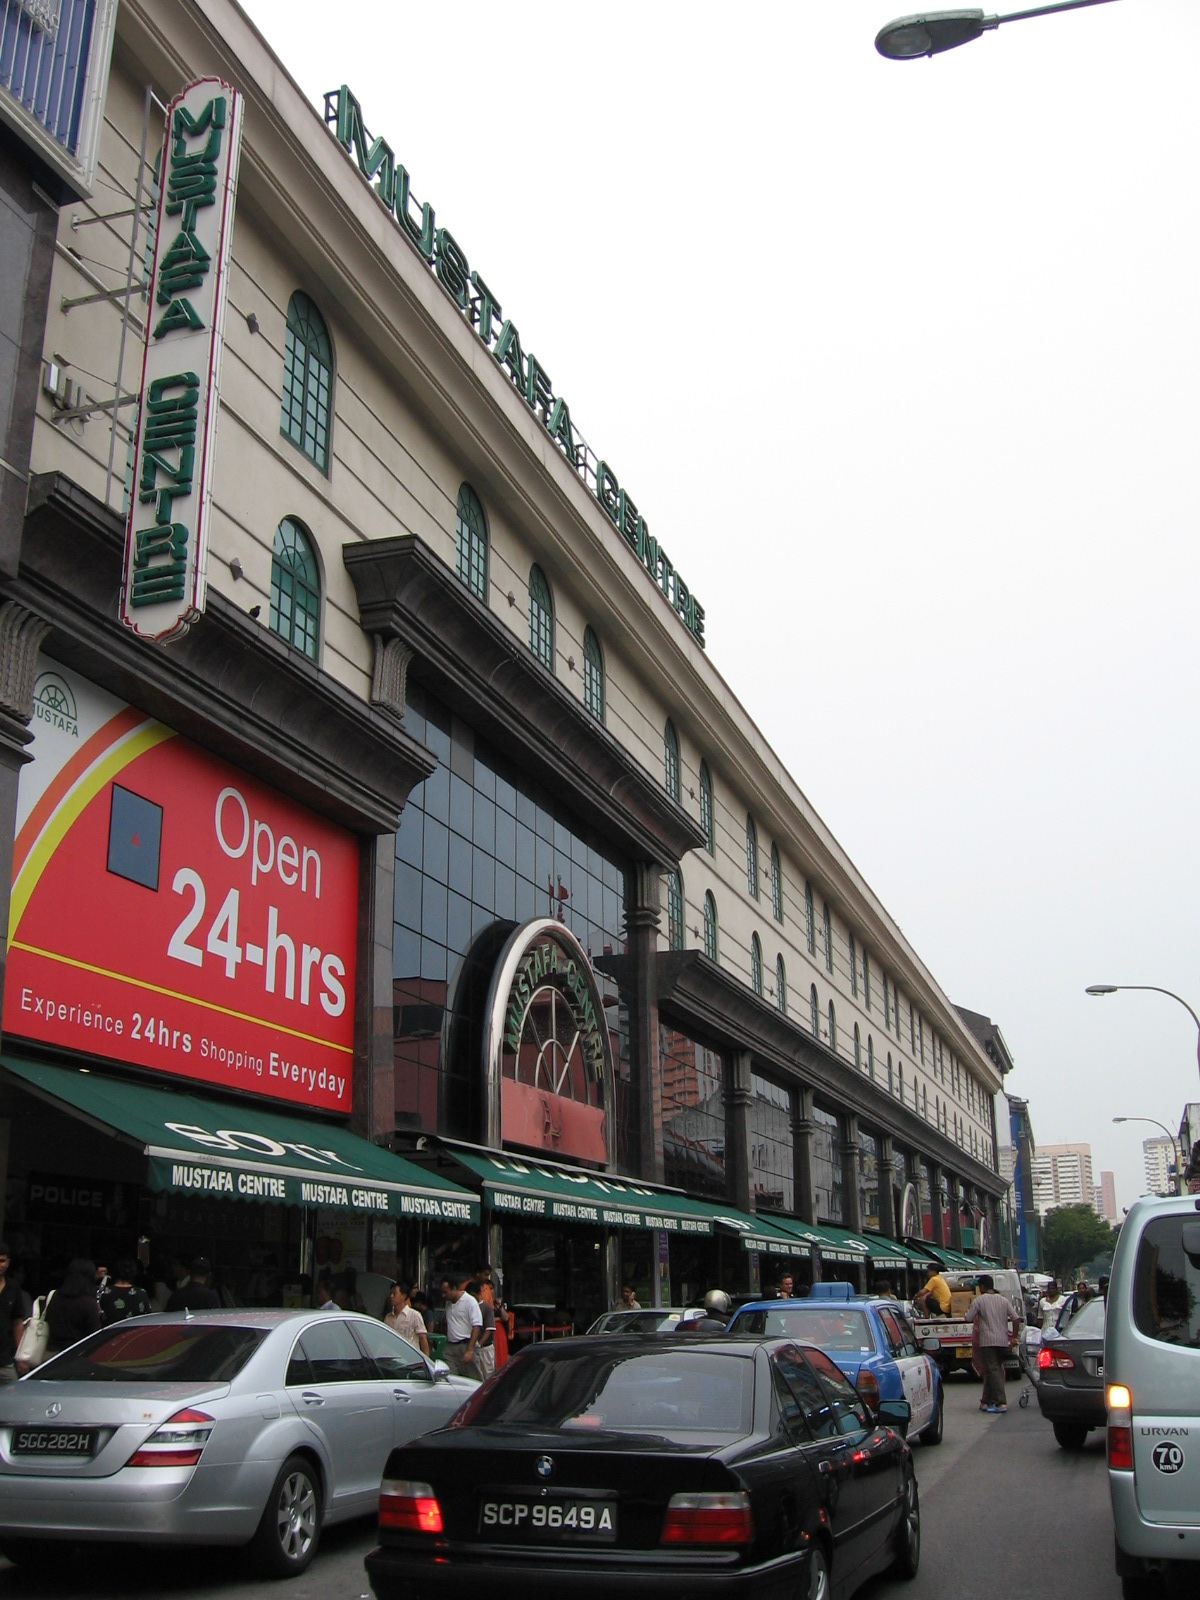 Mustafa Centre - Wikipedia